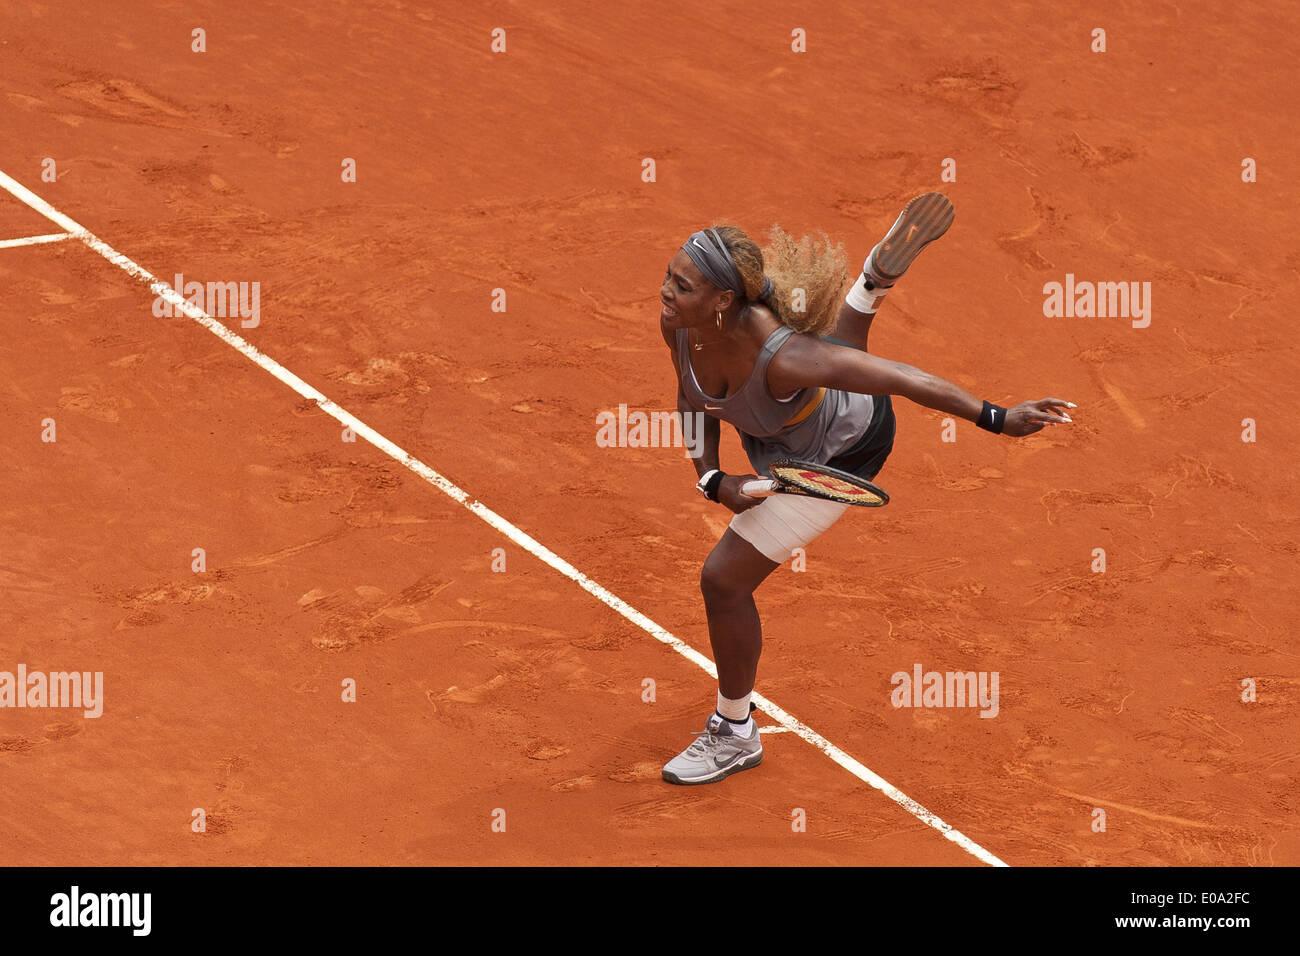 Madrid, Espagne. 7 mai, 2014. Serena Williams, les Etats-Unis contre Shuai Peng au cours de la Mutua Madrid Open Master 1,000 Tournoi de tennis joué à la Caja Magica complexe dans Madrid, Espagne, 07 mai 2014.(Photo de Oscar Gonzalez/NurPhoto) Crédit: Oscar Gonzalez/NurPhoto ZUMAPRESS.com/Alamy/Live News Photo Stock